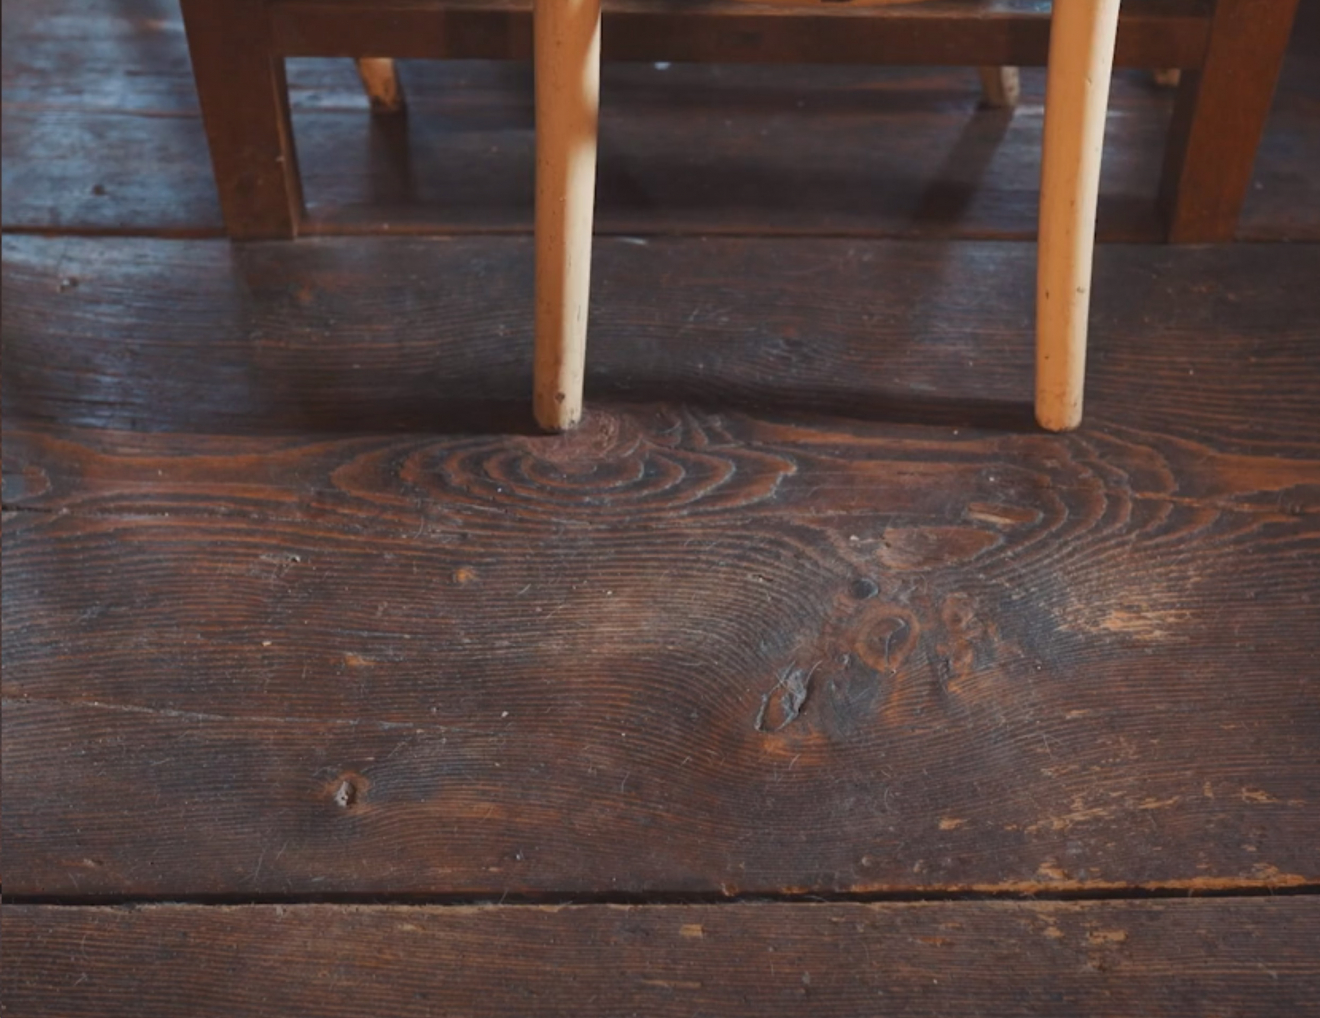 Oživené pamiatky - tradičné remeselné postupy - Drevená podlaha